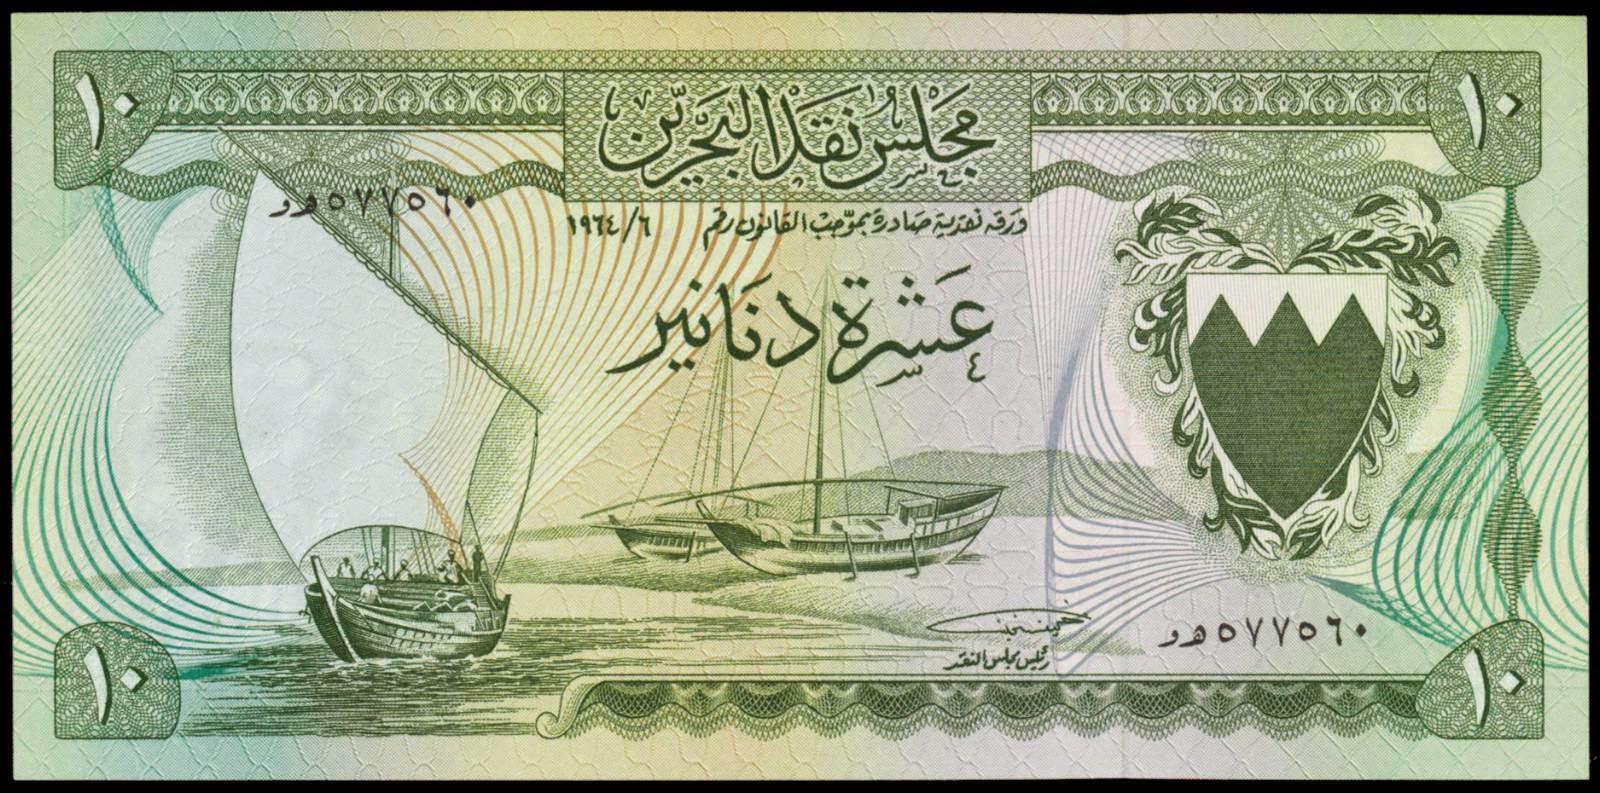 Forex bahrain